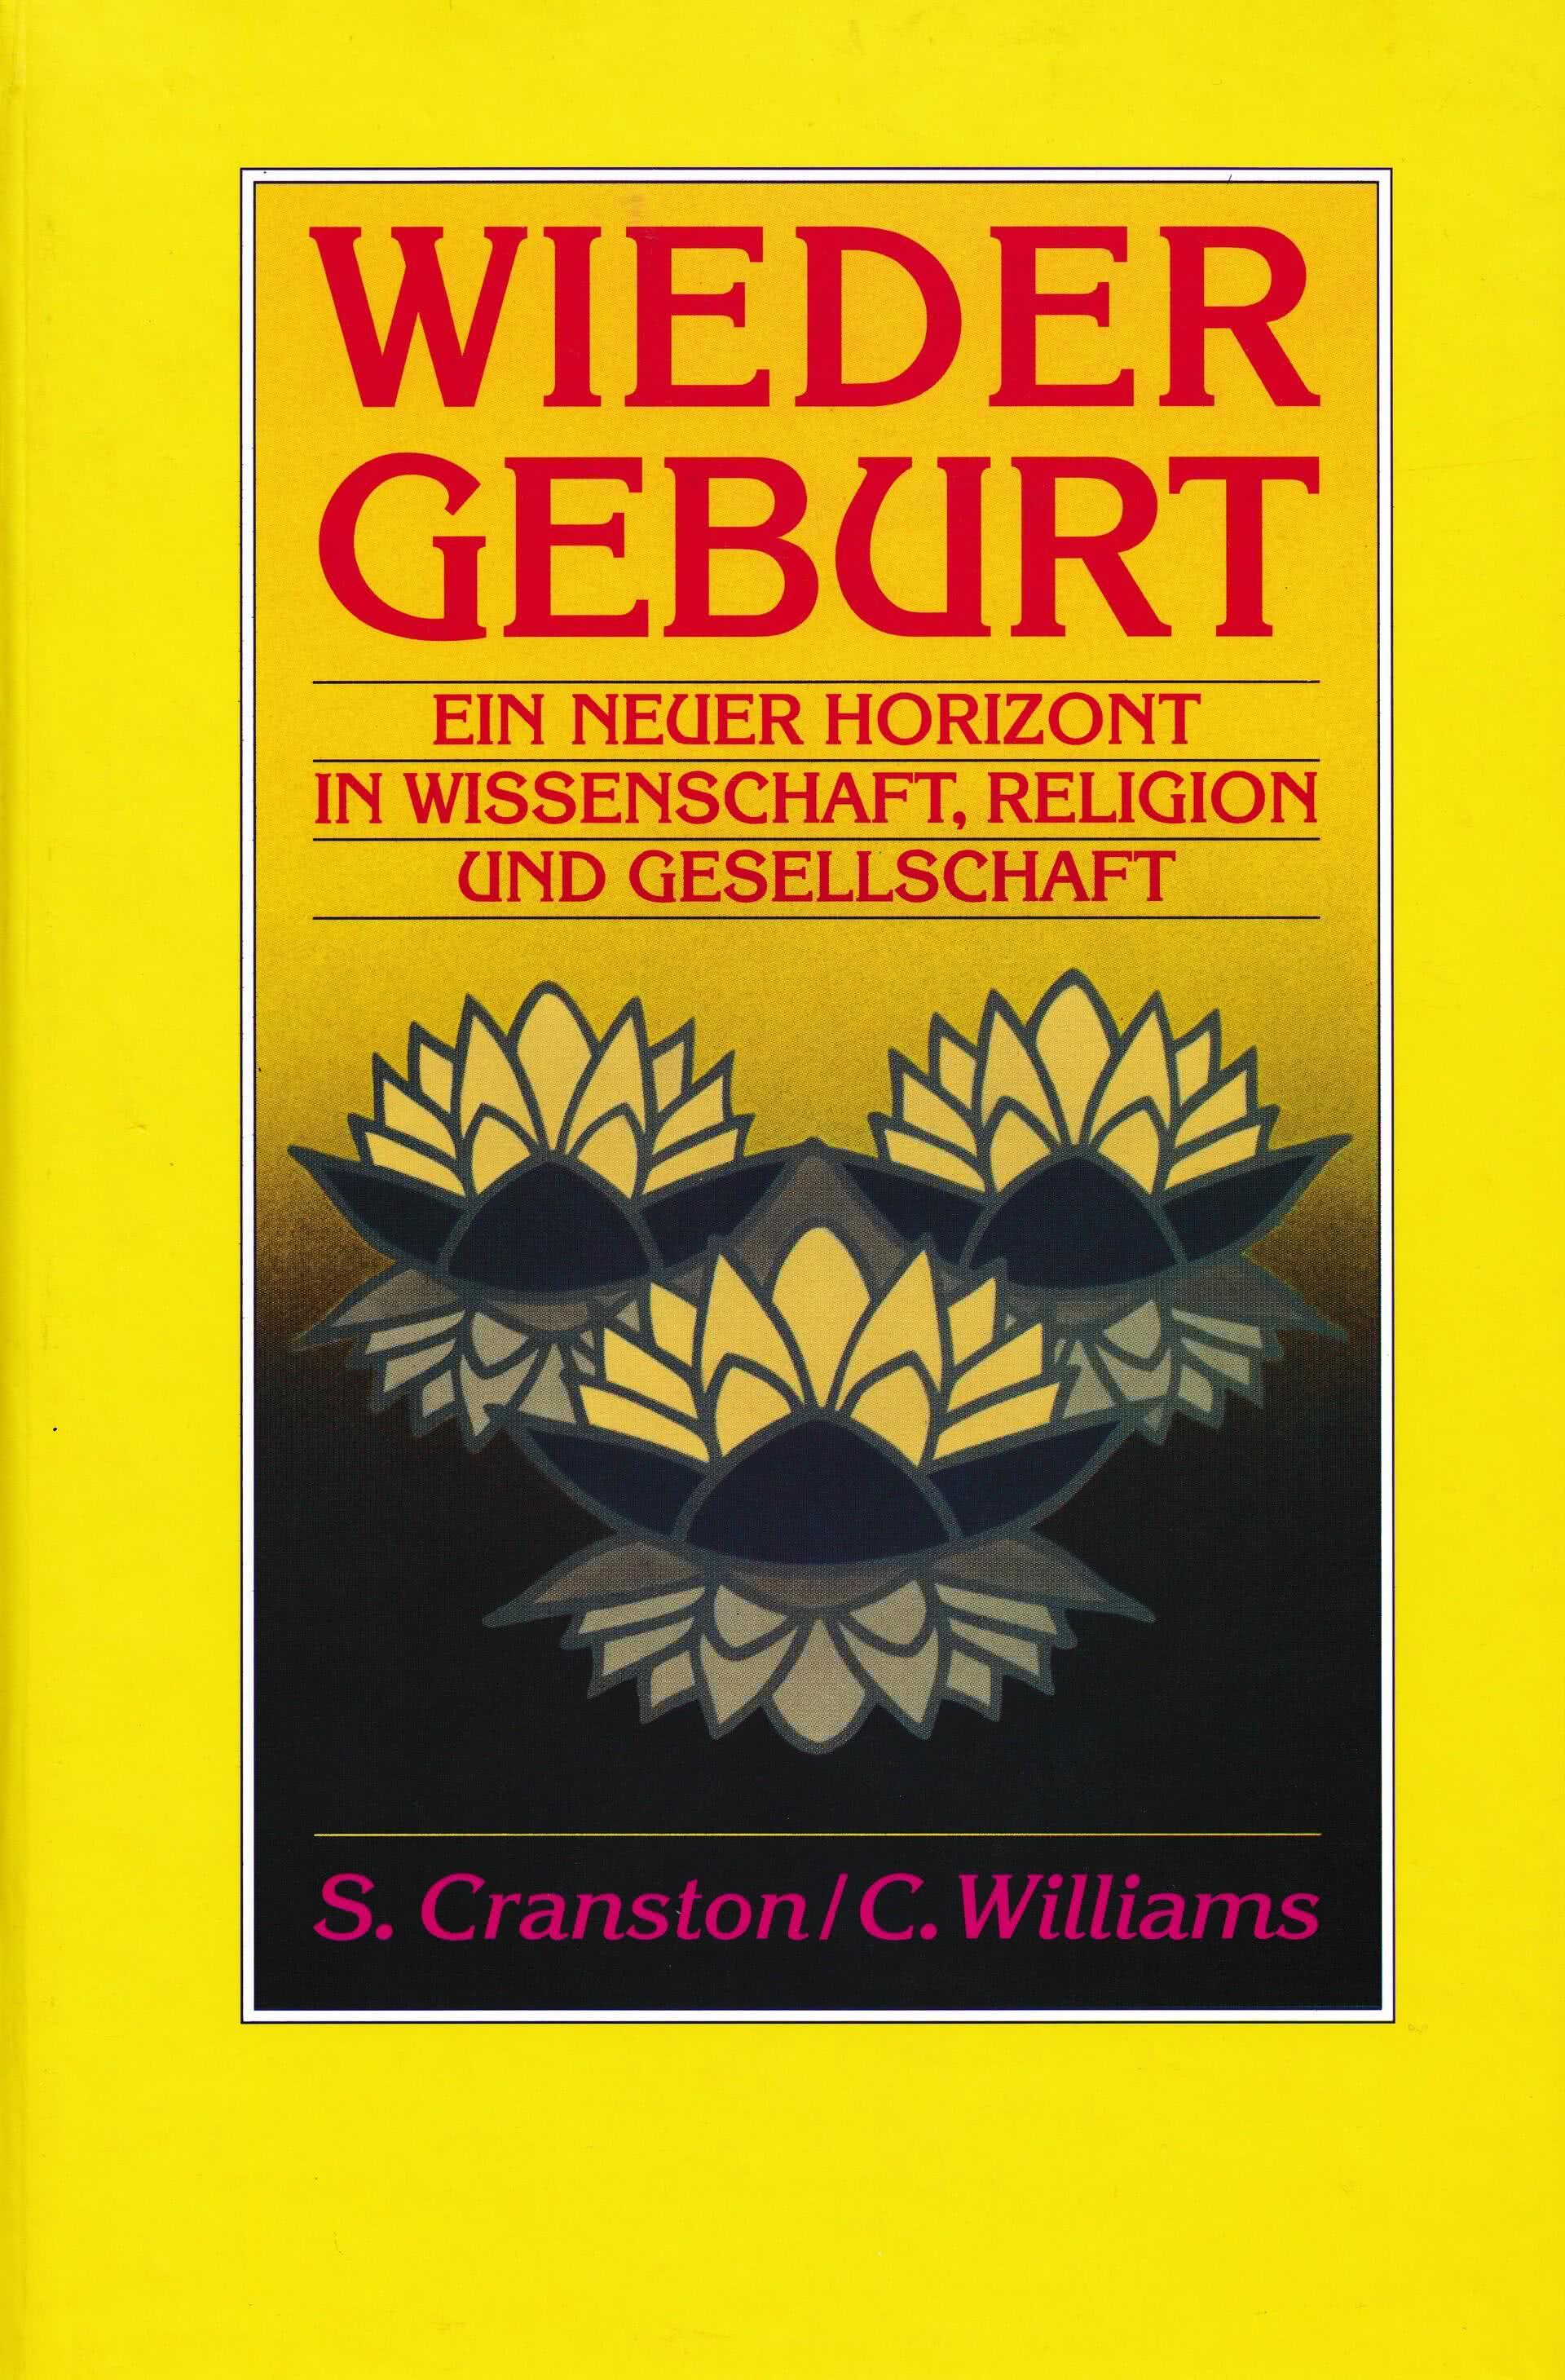 Wiedergeburt - ein neuer Horizont in Wissenschaft, Religion und Gesellschaft